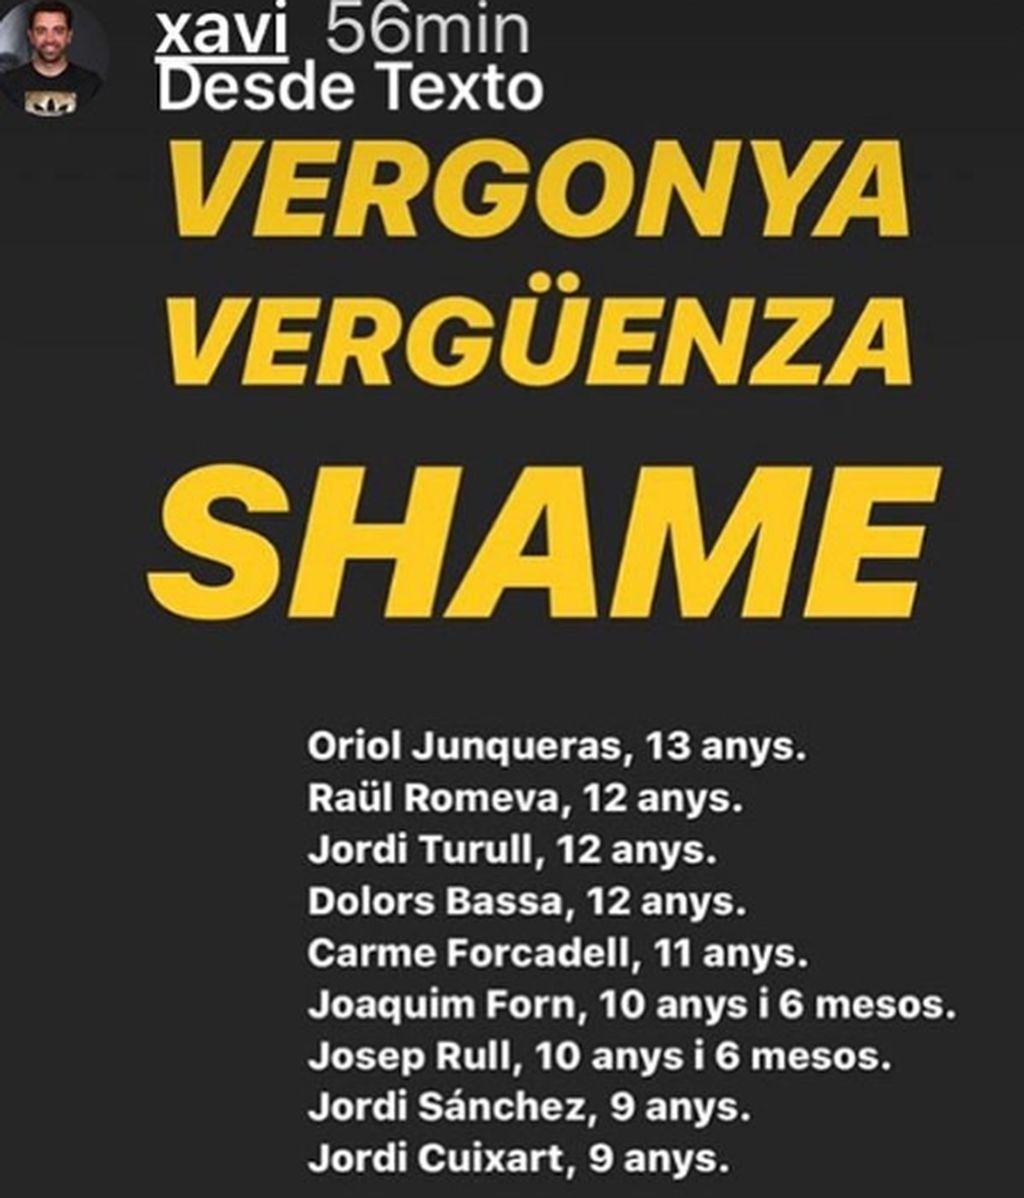 Xavi Hernández habla de vergüenza y Piqué aplaude el apoyo del Barcelona a los condenados